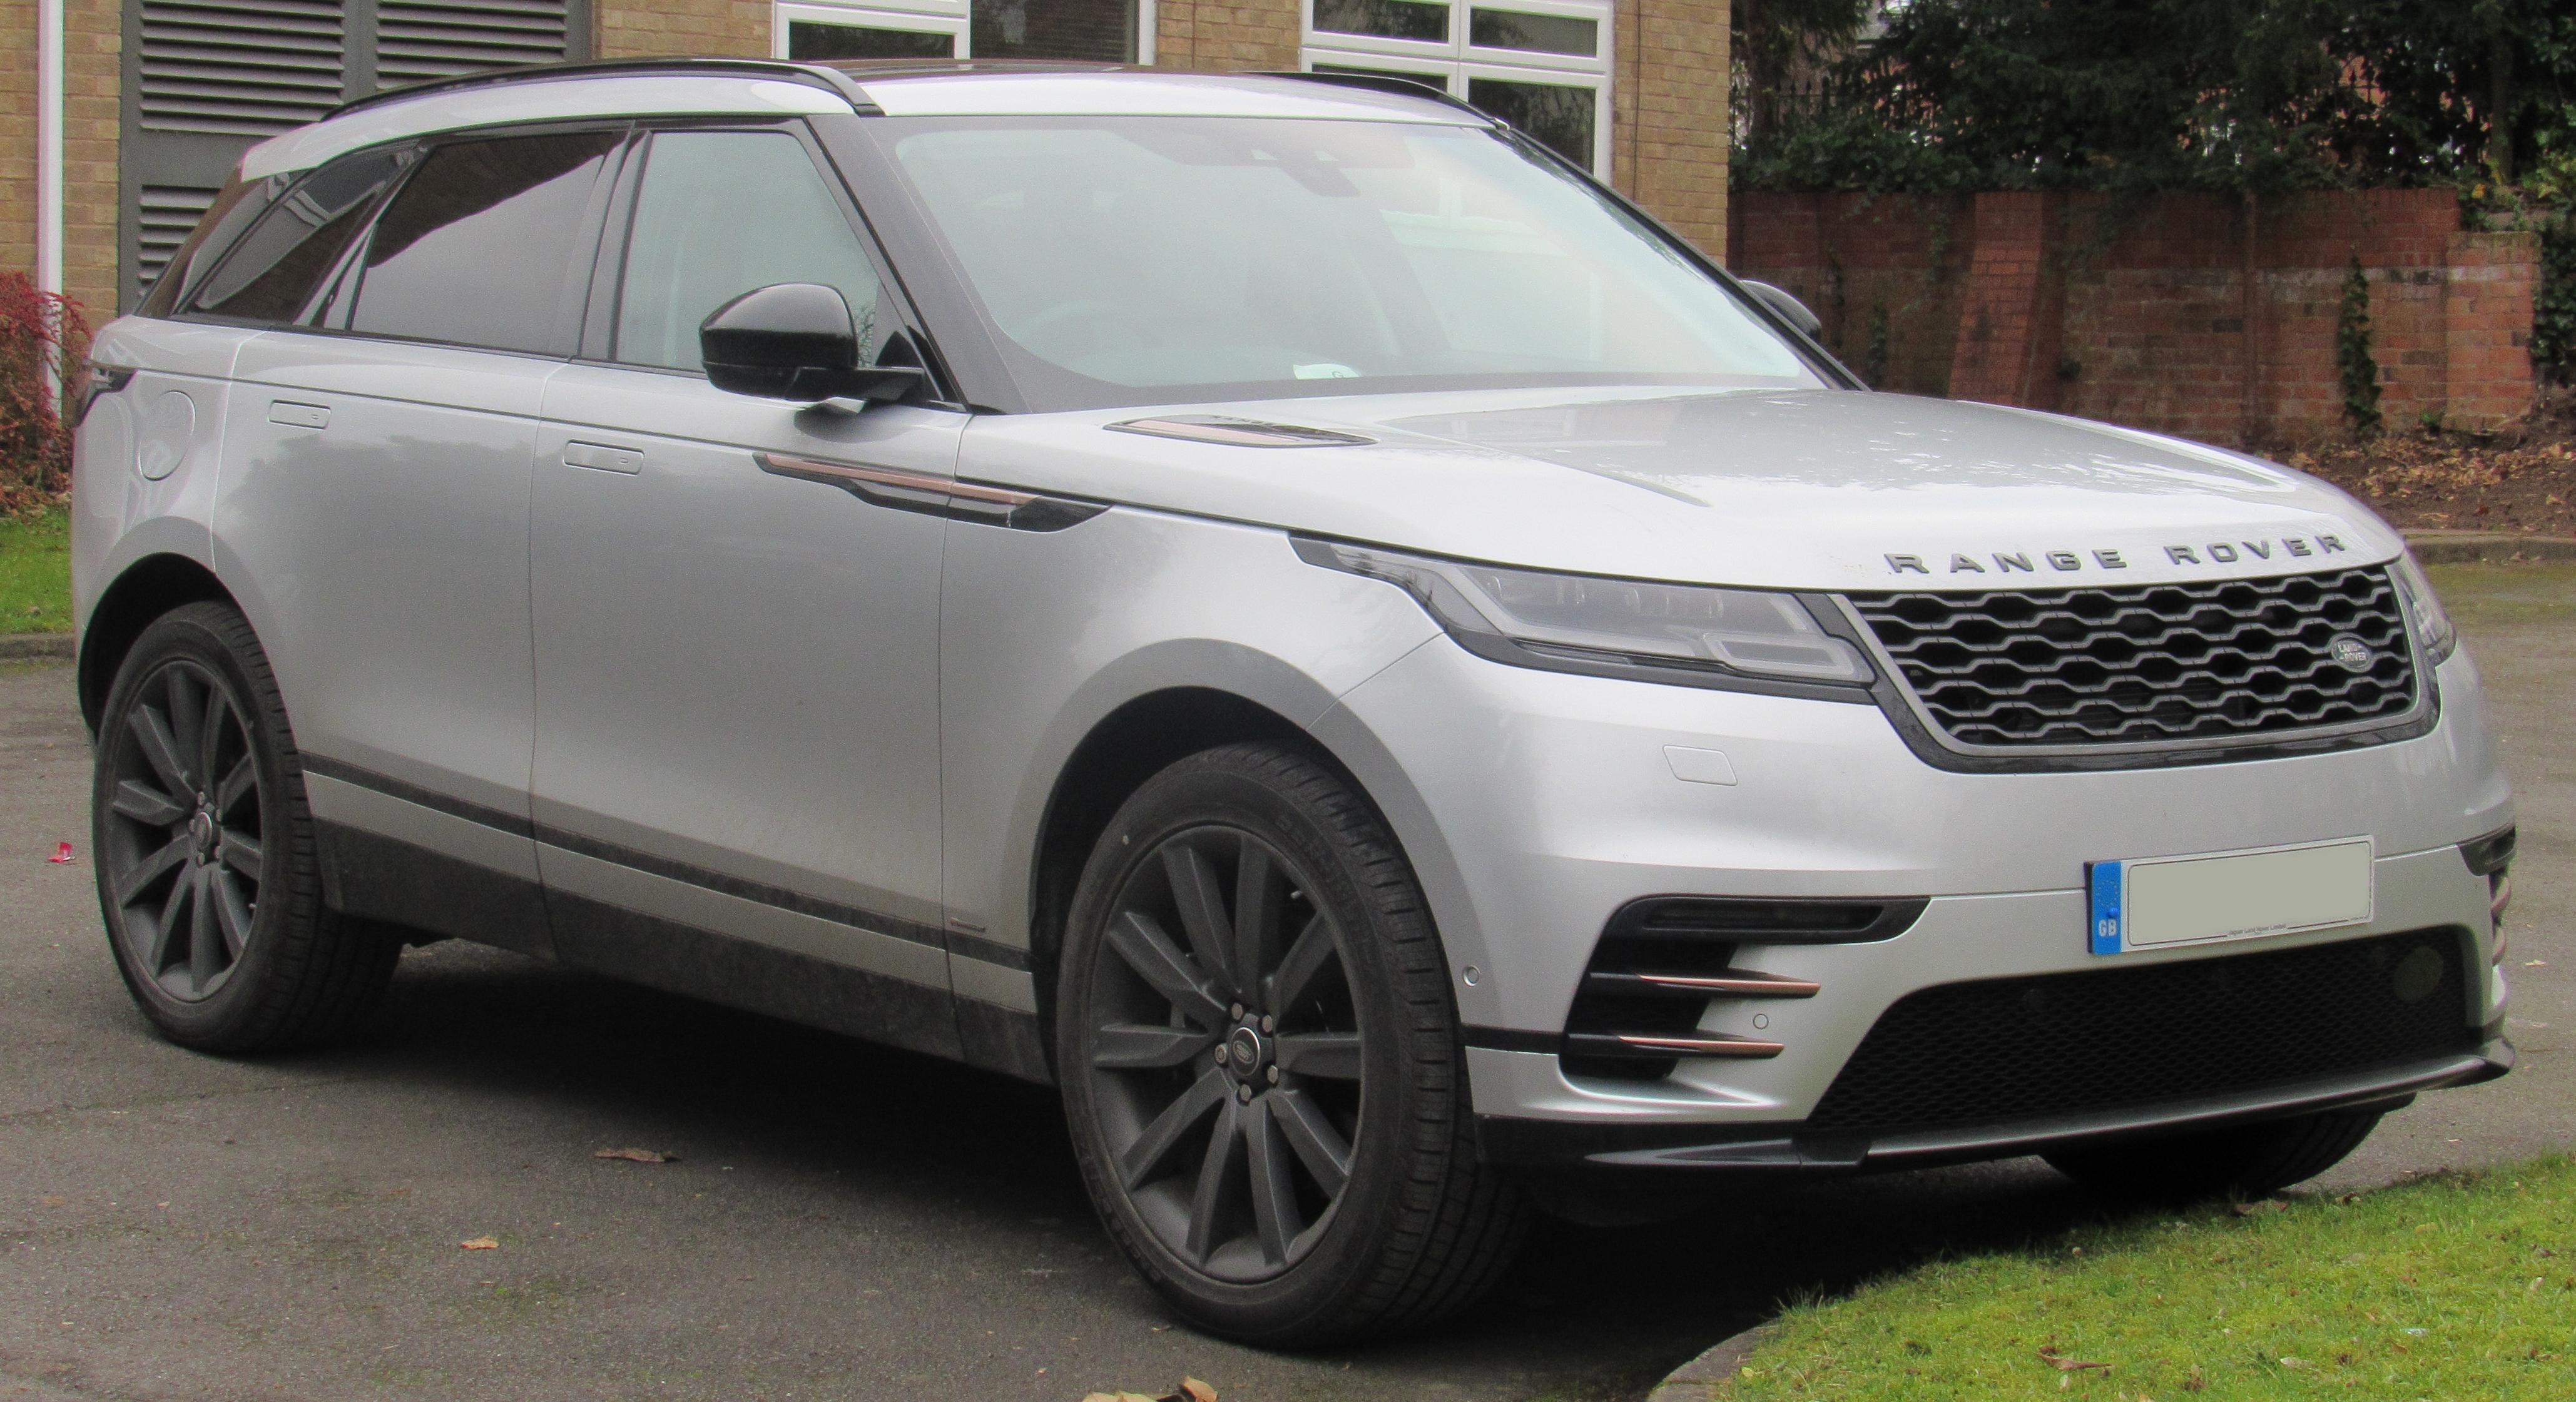 Silver Land Rover